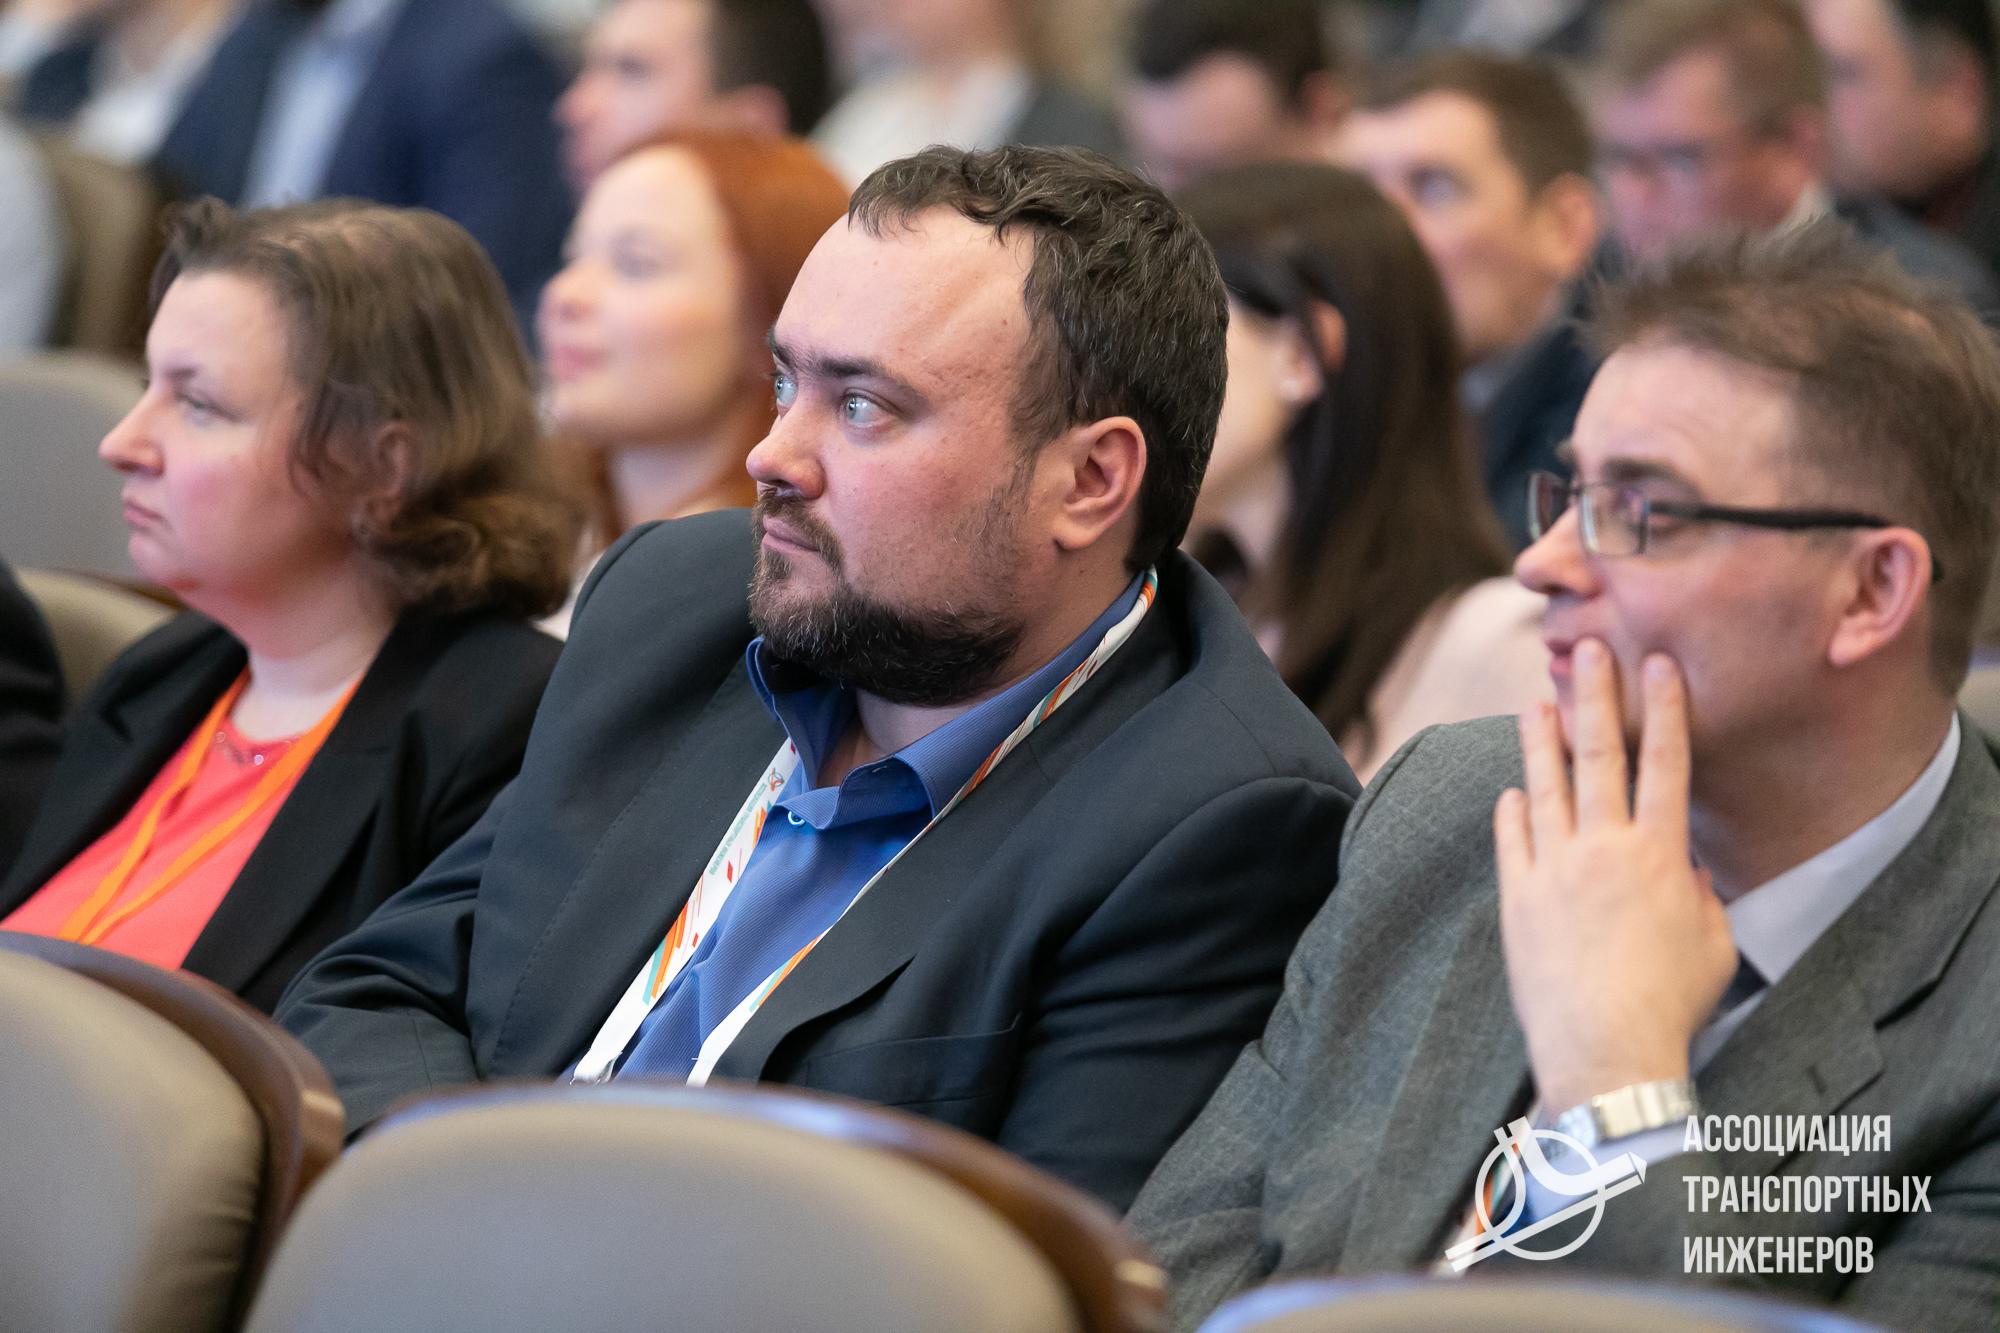 Конференция ТПиМ, 11 апреля 2019 (146)